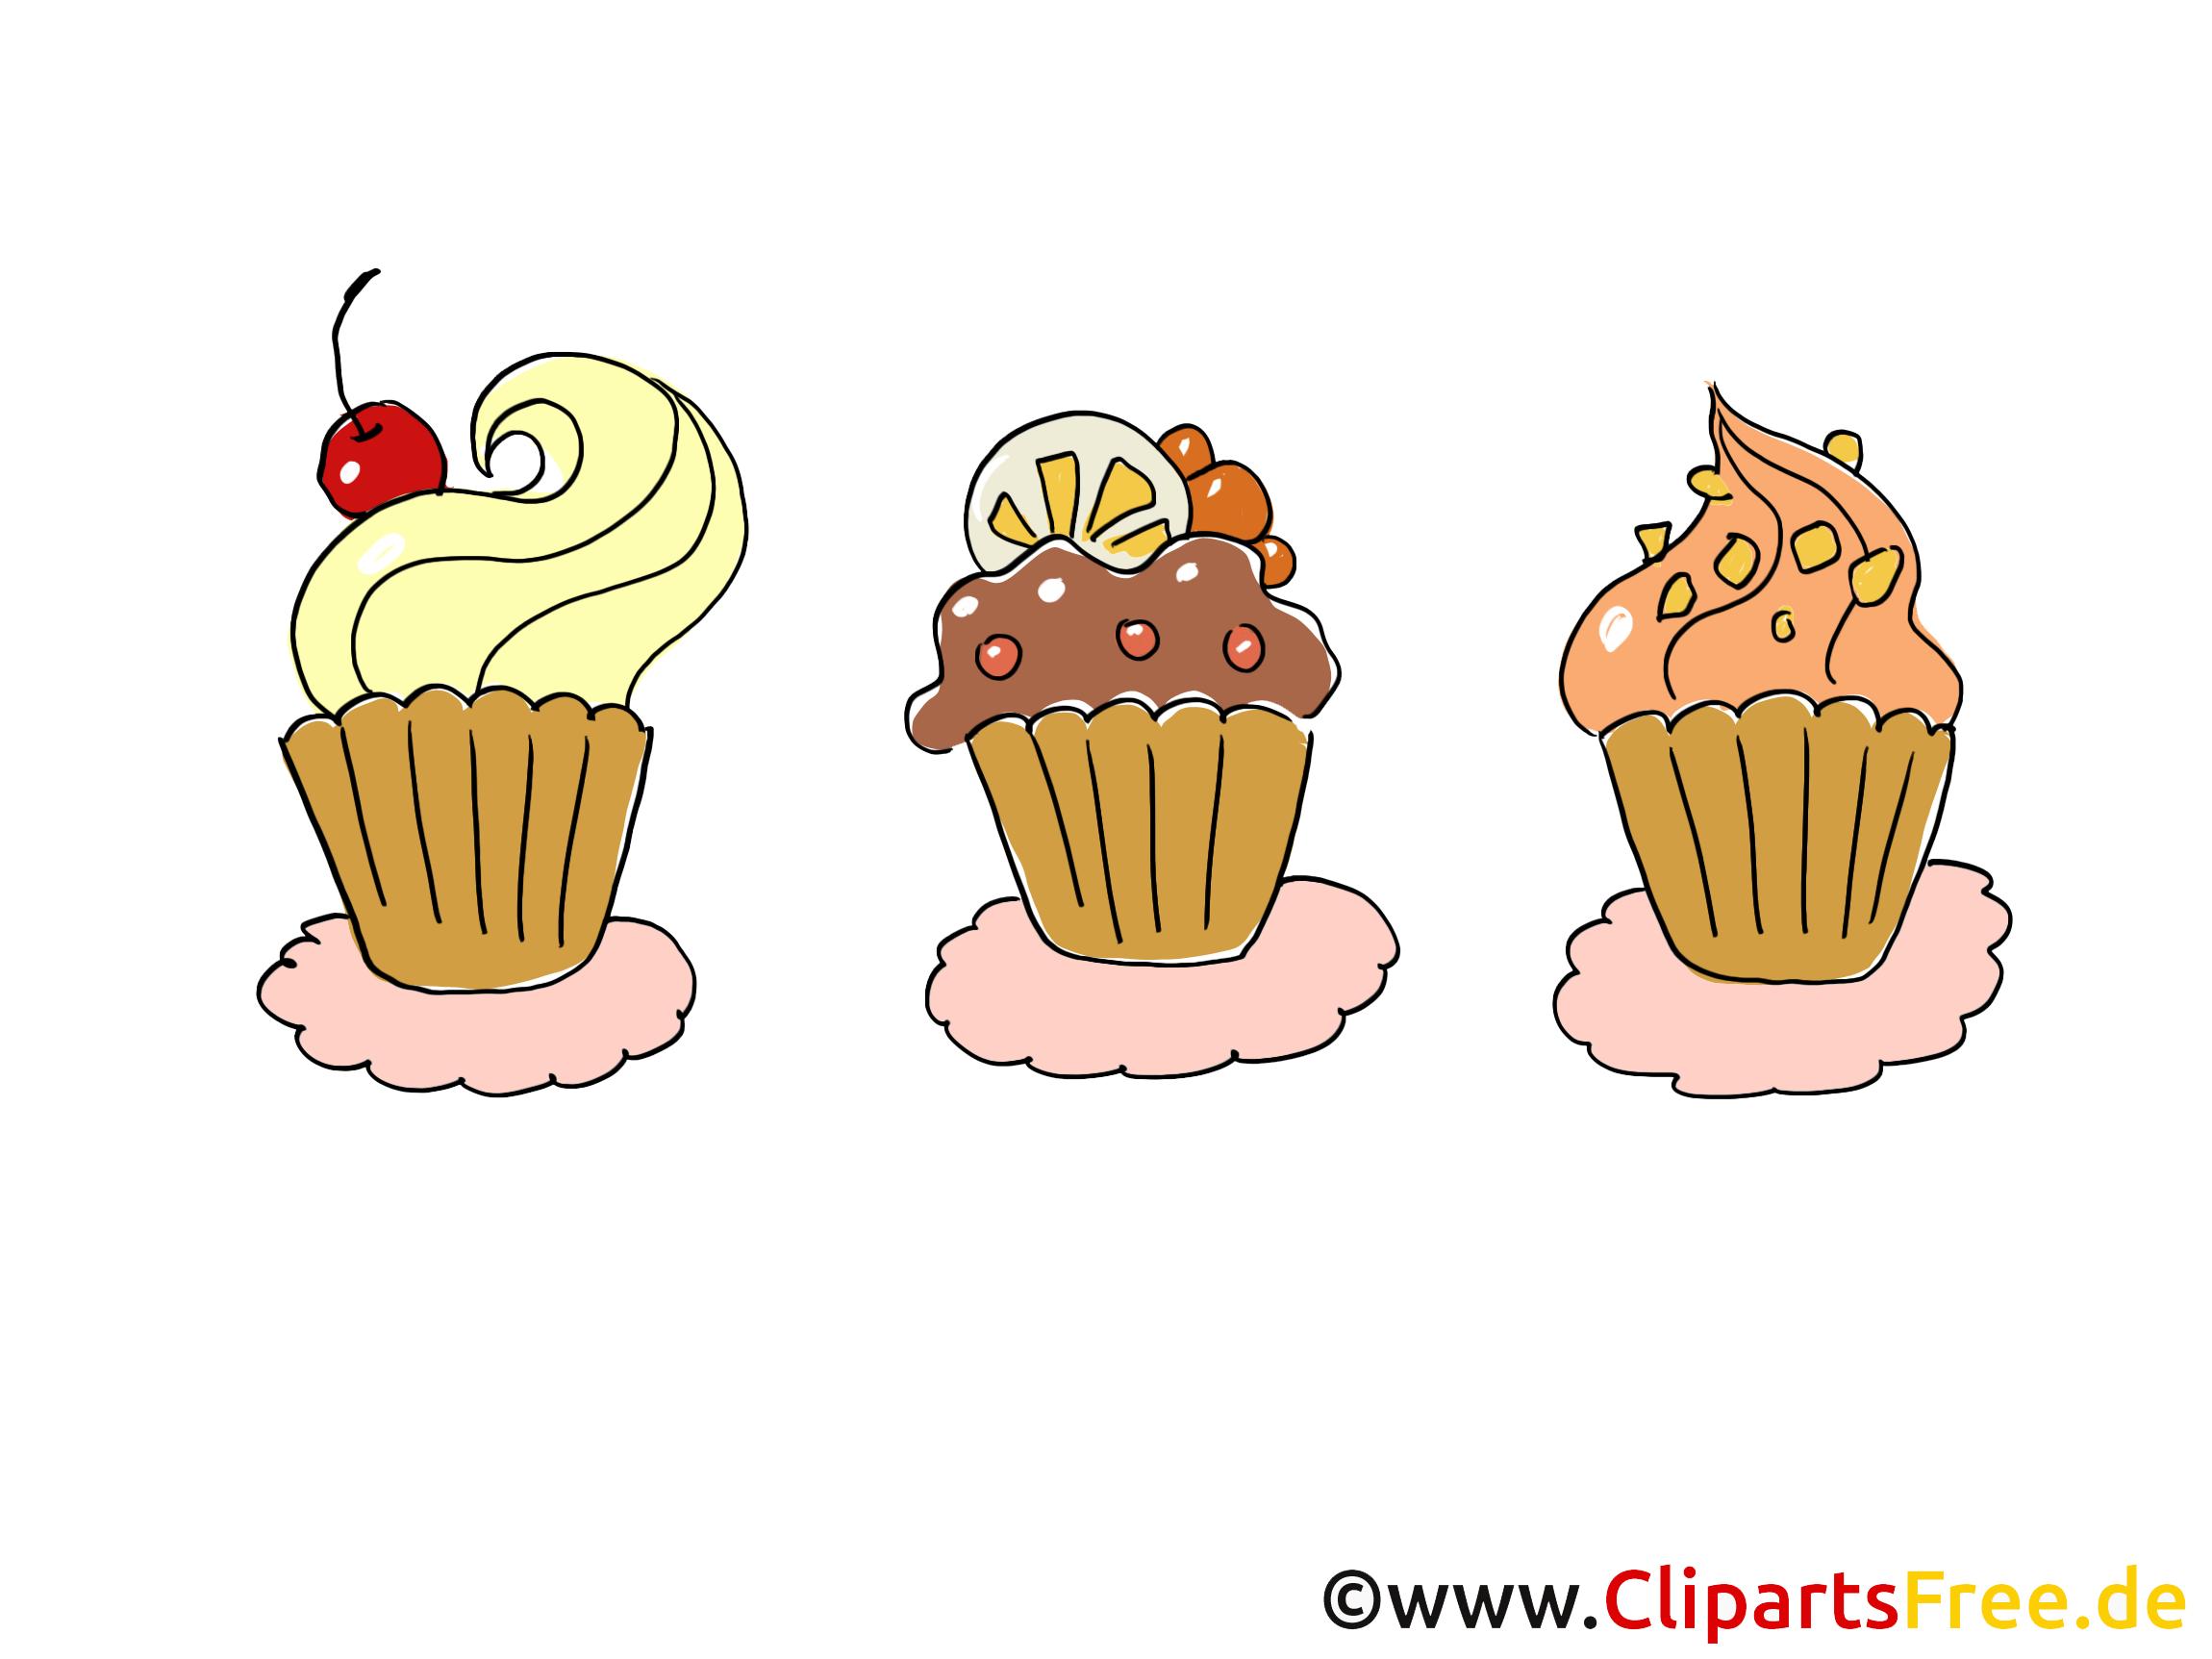 Gâteaux dessin gratuit - Soirée clip arts gratuits